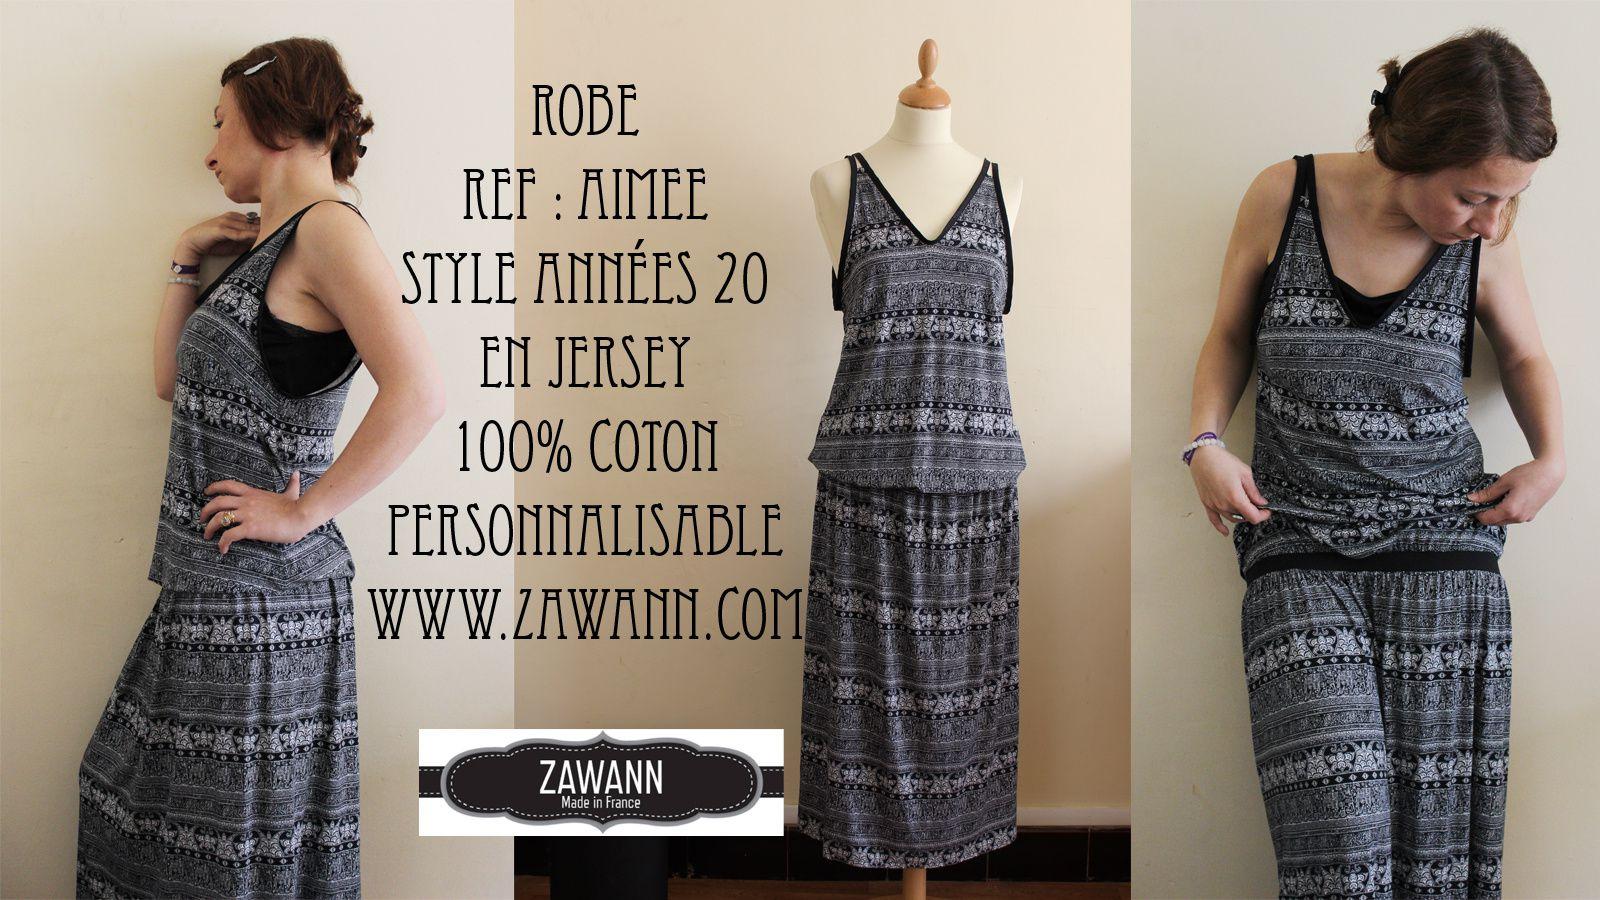 catalogue des robes dont vous pouvez choisir les formes pour vos modèles uniques → cliquez pour faire défiler